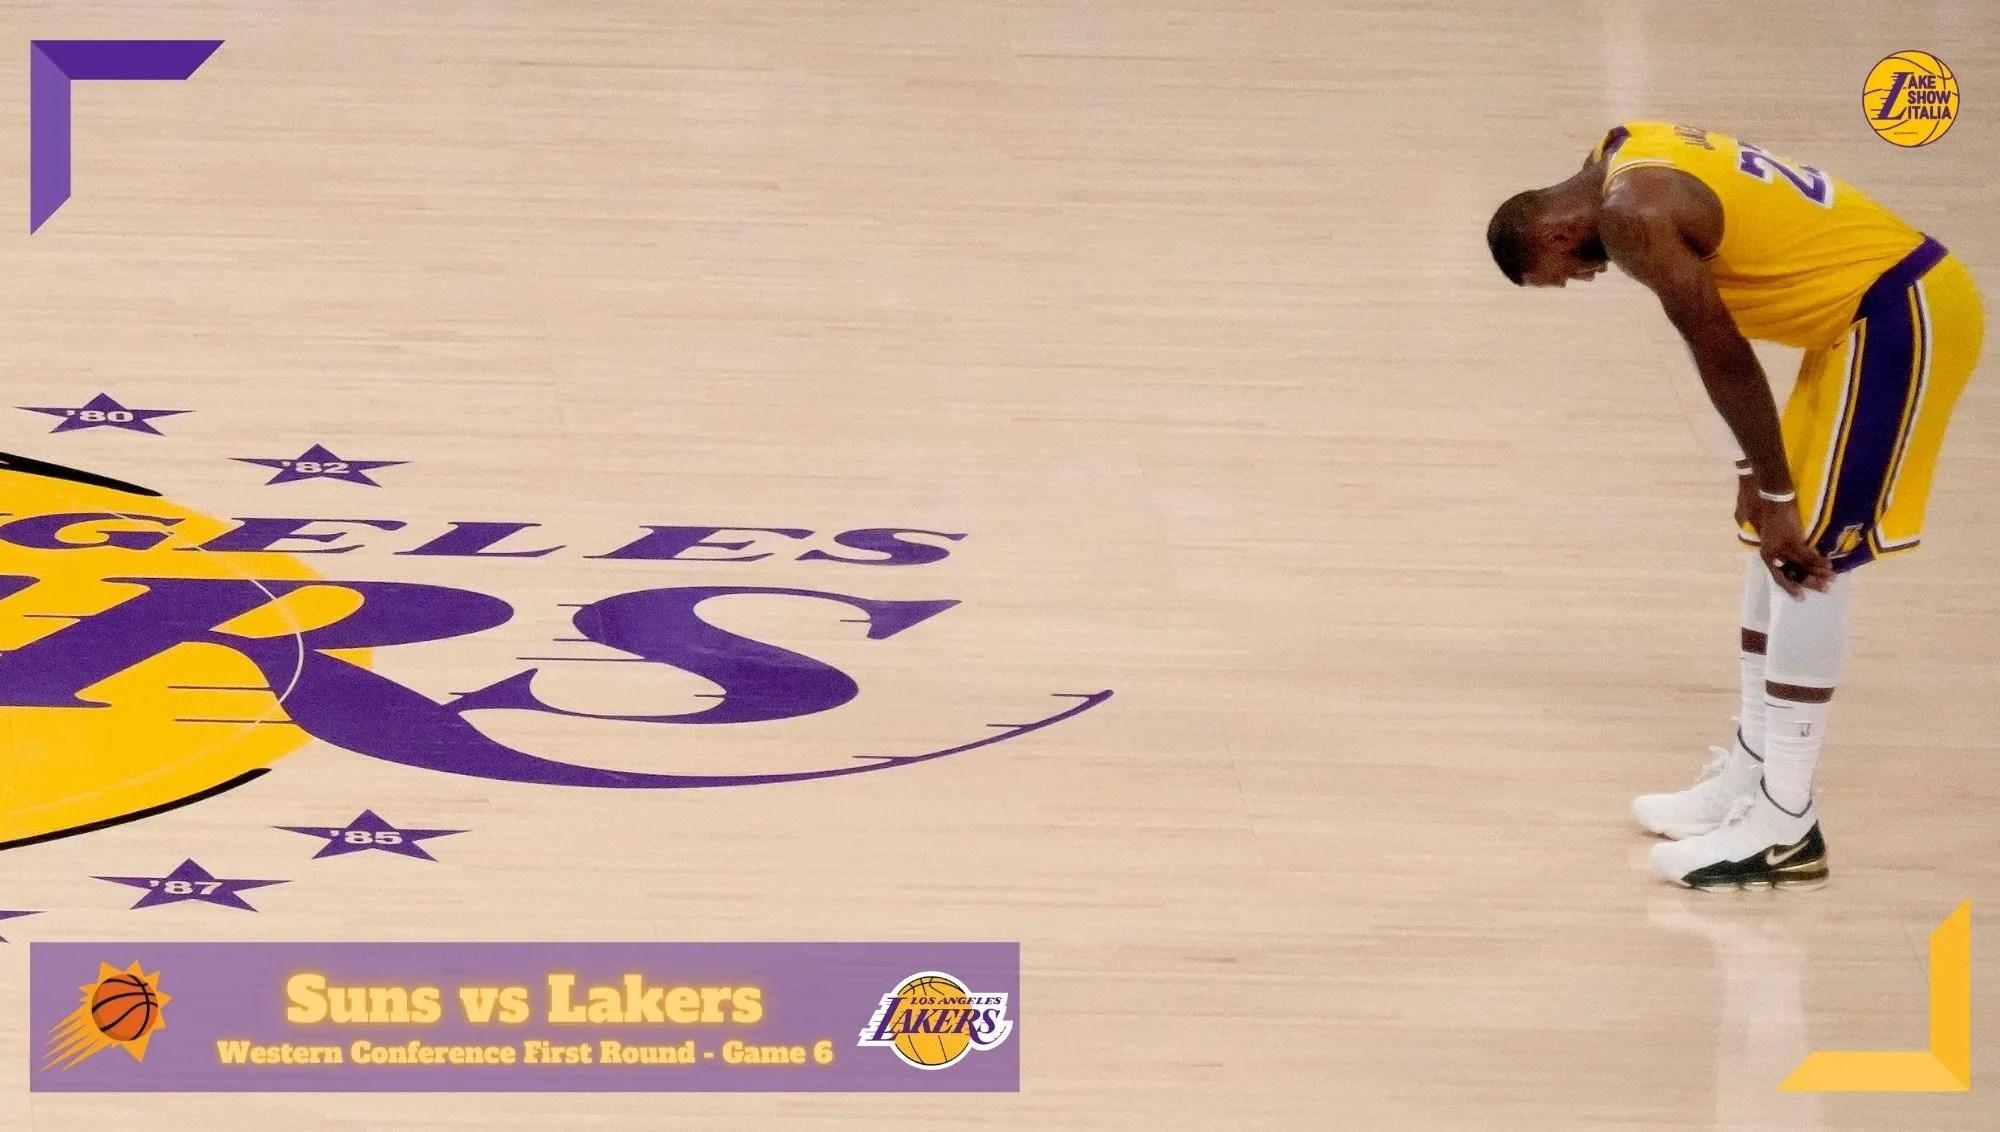 I Phoenix Suns dominano anche Gara 6 trascinati da uno strepitoso Devin Booker. I Los Angeles Lakers e LeBron James costretti ad abdicare.